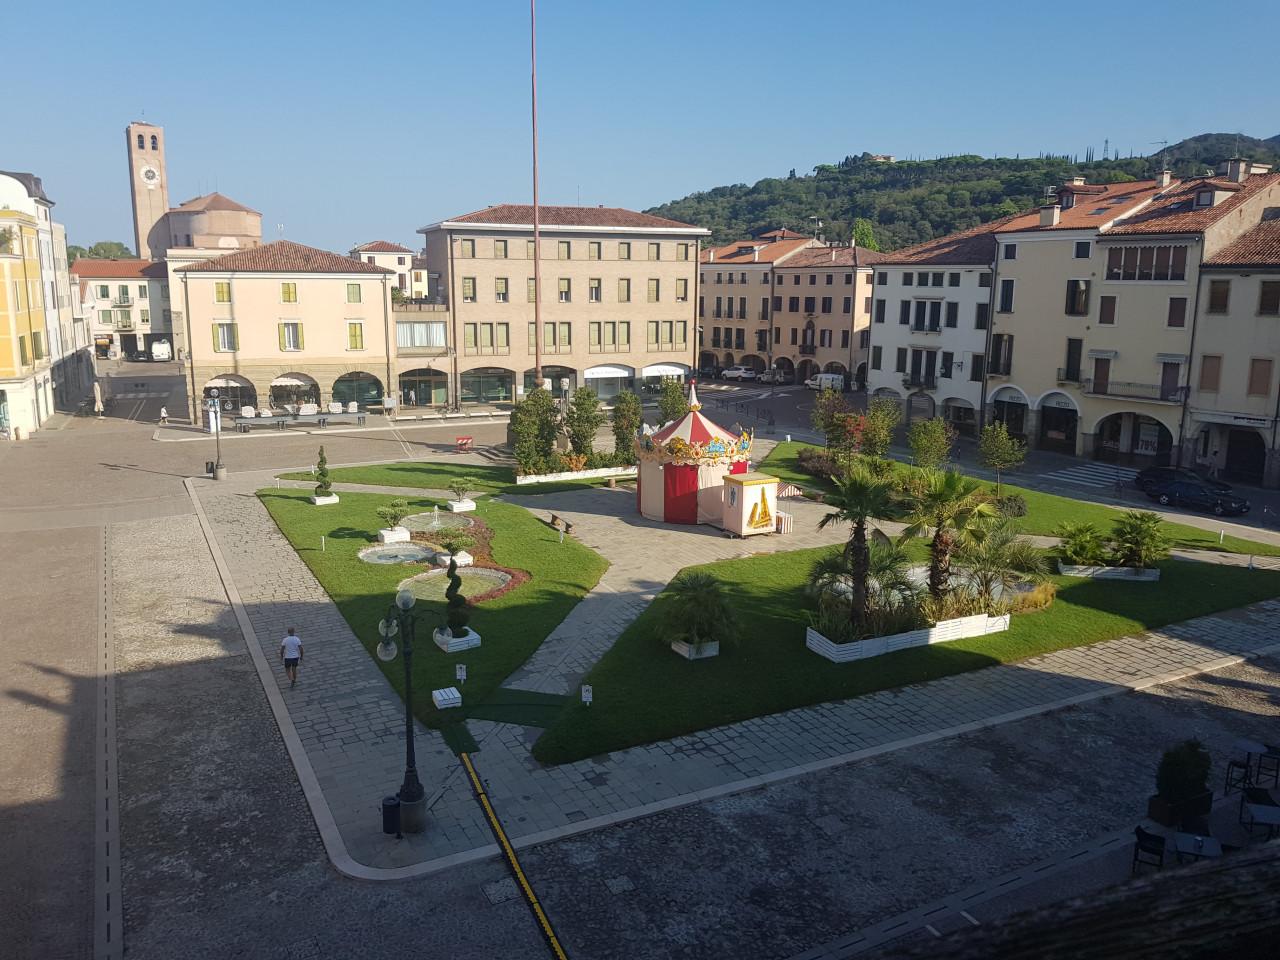 Attico con vista Piazza Maggiore